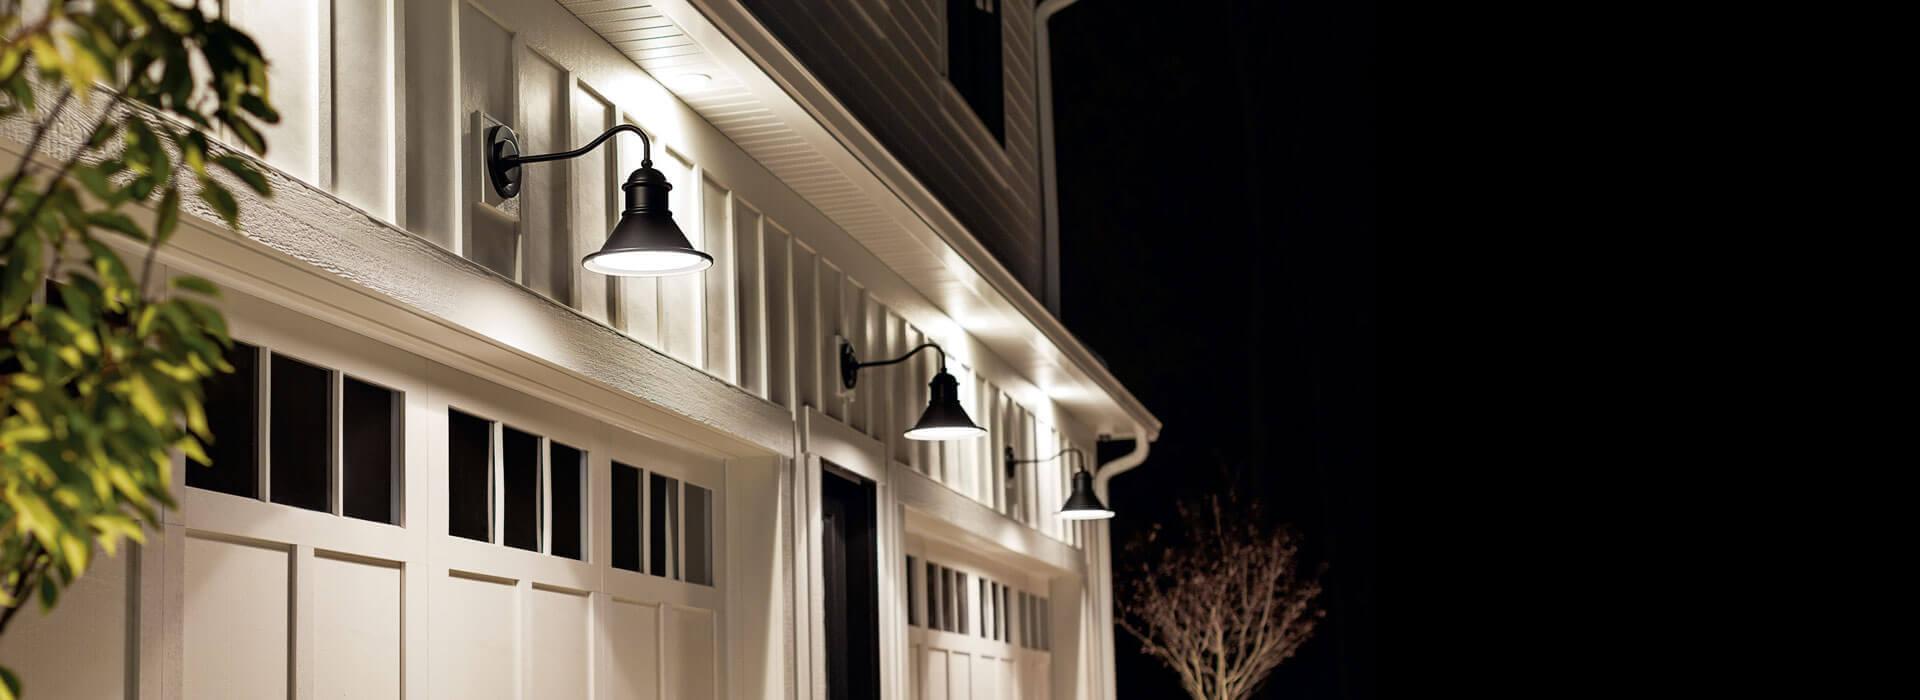 hight resolution of outdoor lighting